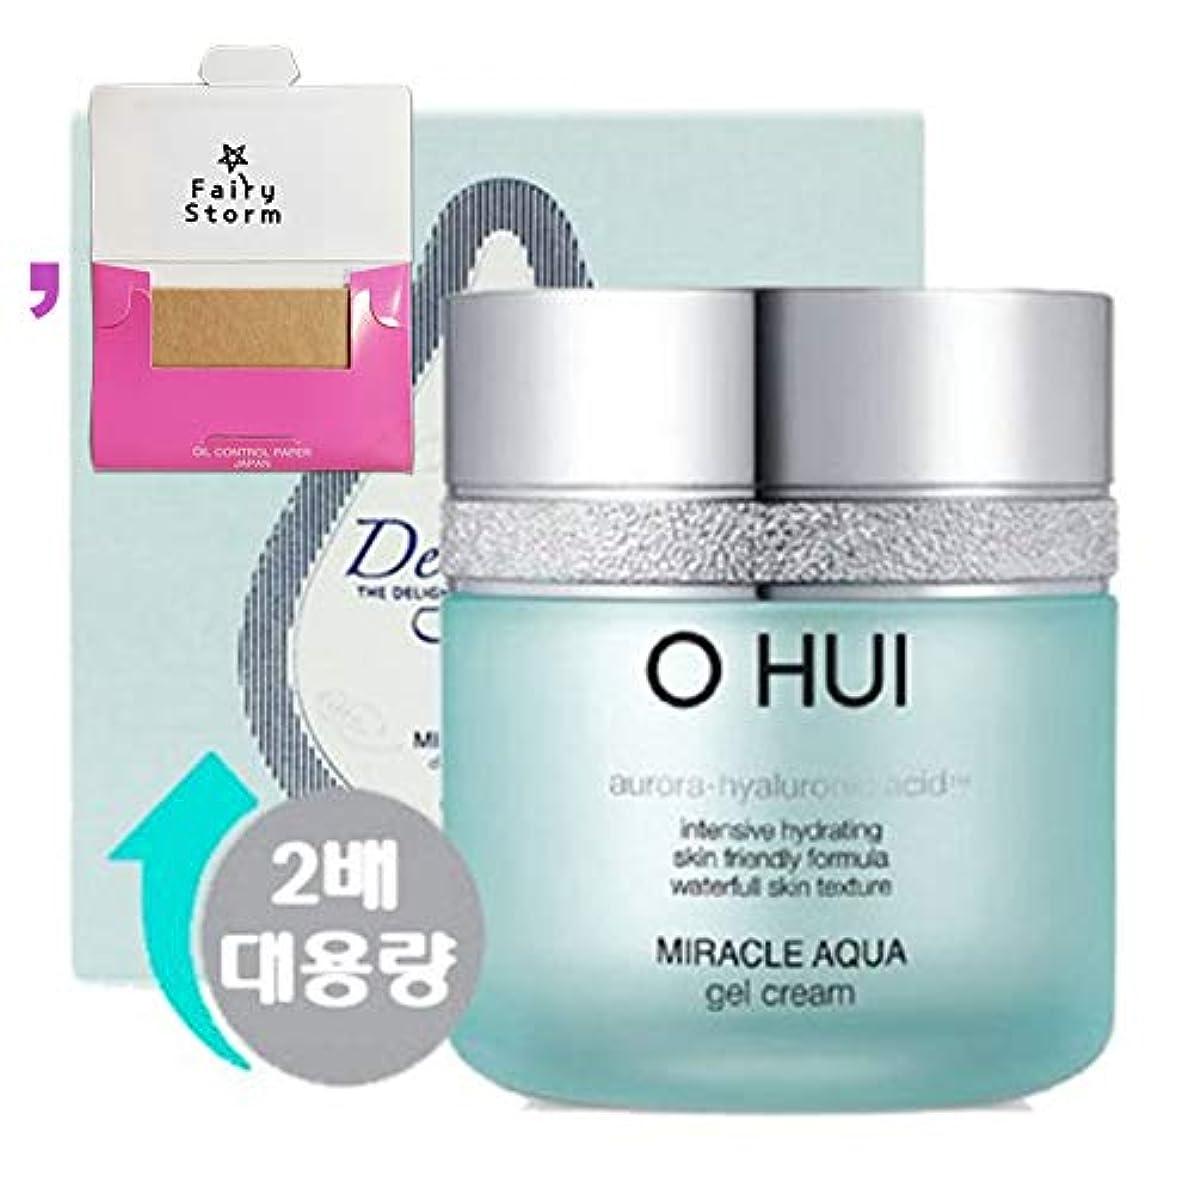 ポスト印象派ギャングスター再生的[オフィ/O HUI]韓国化粧品LG生活健康/Miracle Aqua Gel Cream Special Set/ミラクルアクアゲルクリーム100mlの大容量企画セット+[Sample Gift](海外直送品)